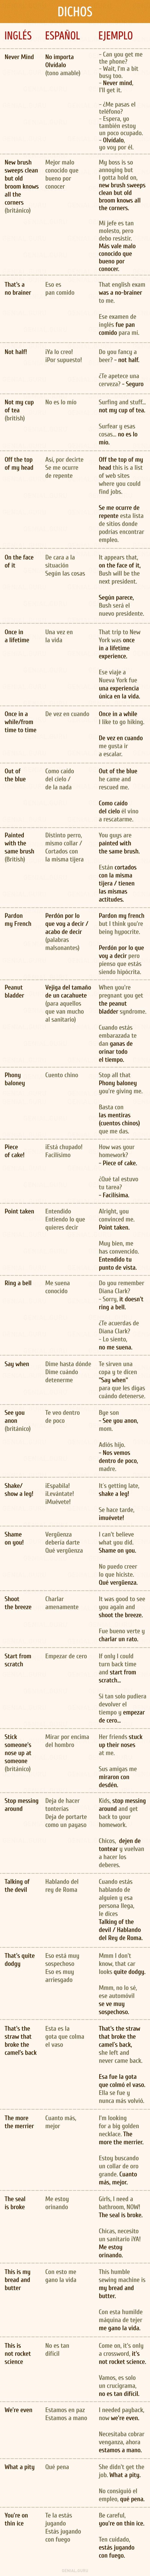 Expresiones coloquiales para hablar inglés al natural